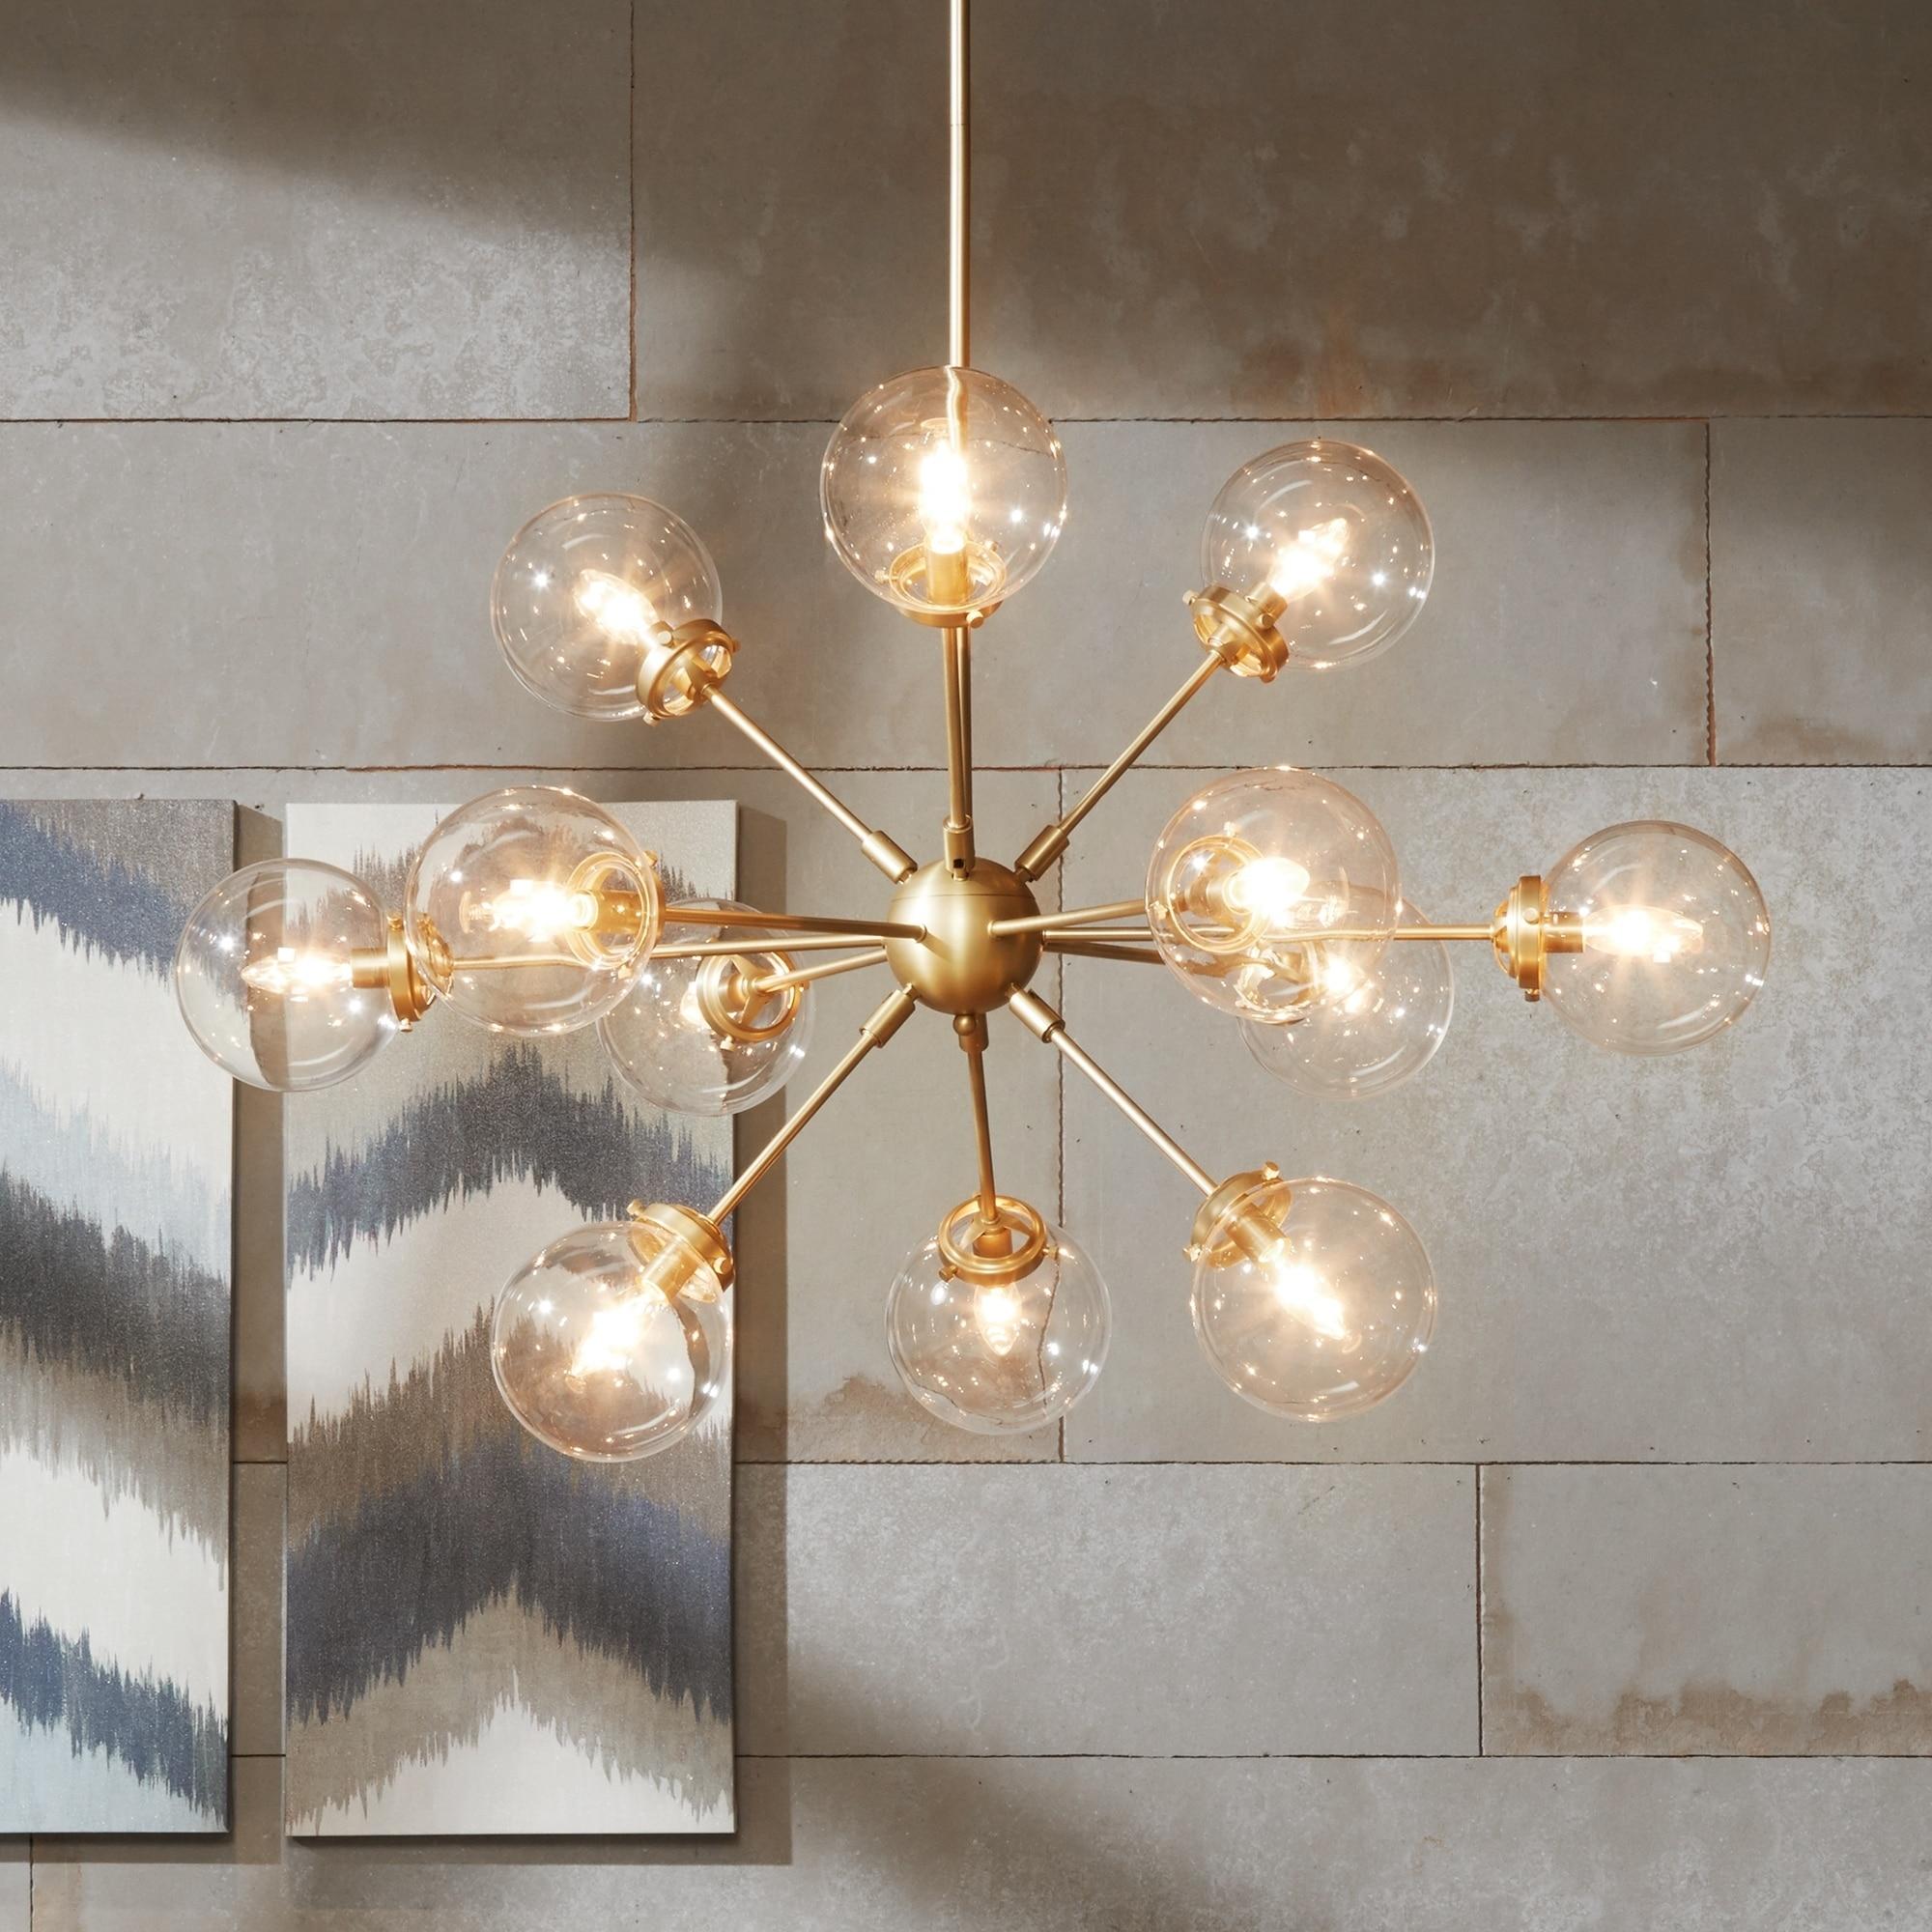 Incandescent Ceiling Lights At Com Our Best Lighting Deals